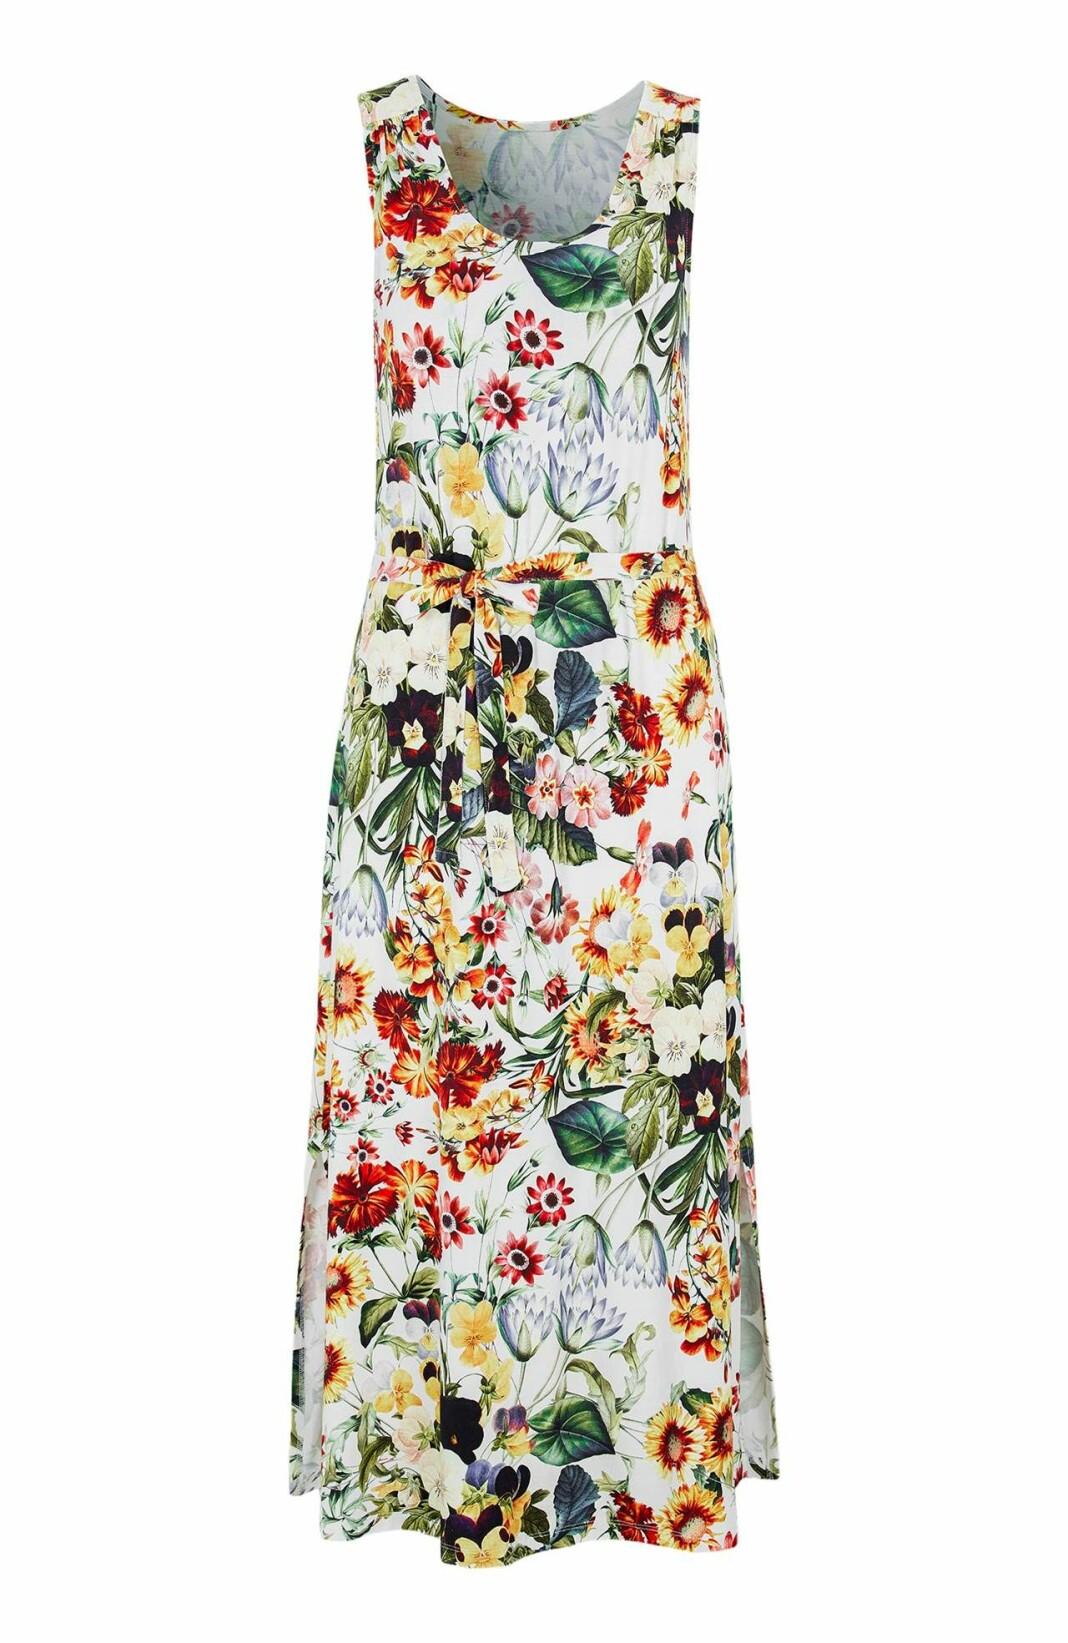 Klänning med mönster av sommarblommor i skön trikå